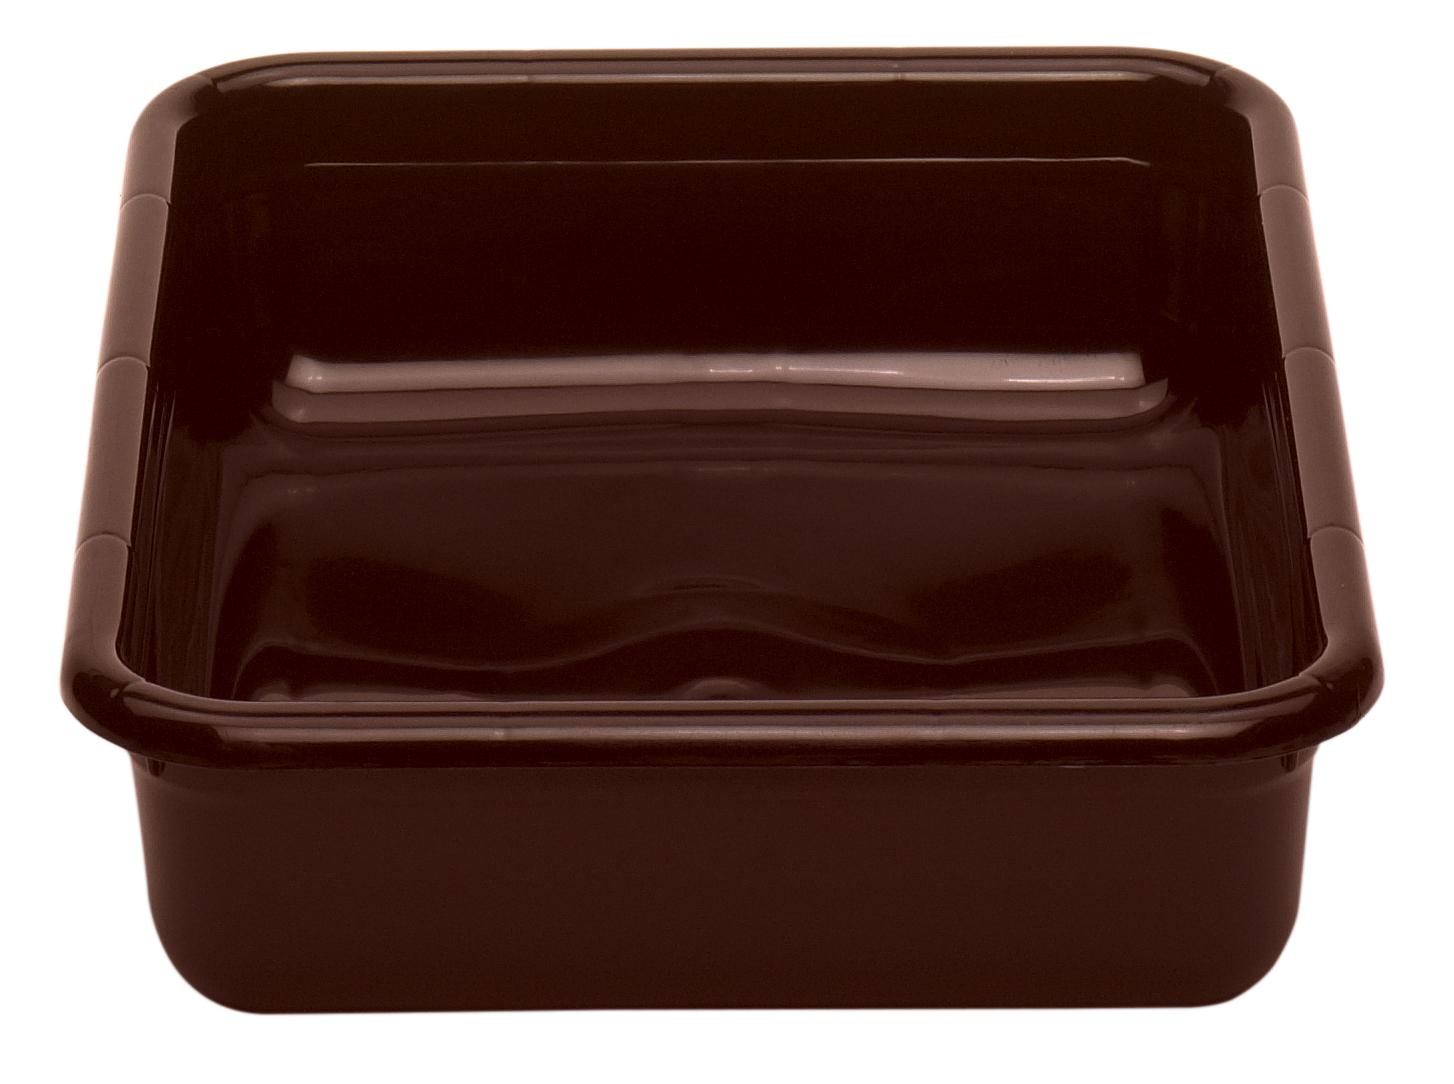 Cambro 1722CBP131 food/beverage storage container